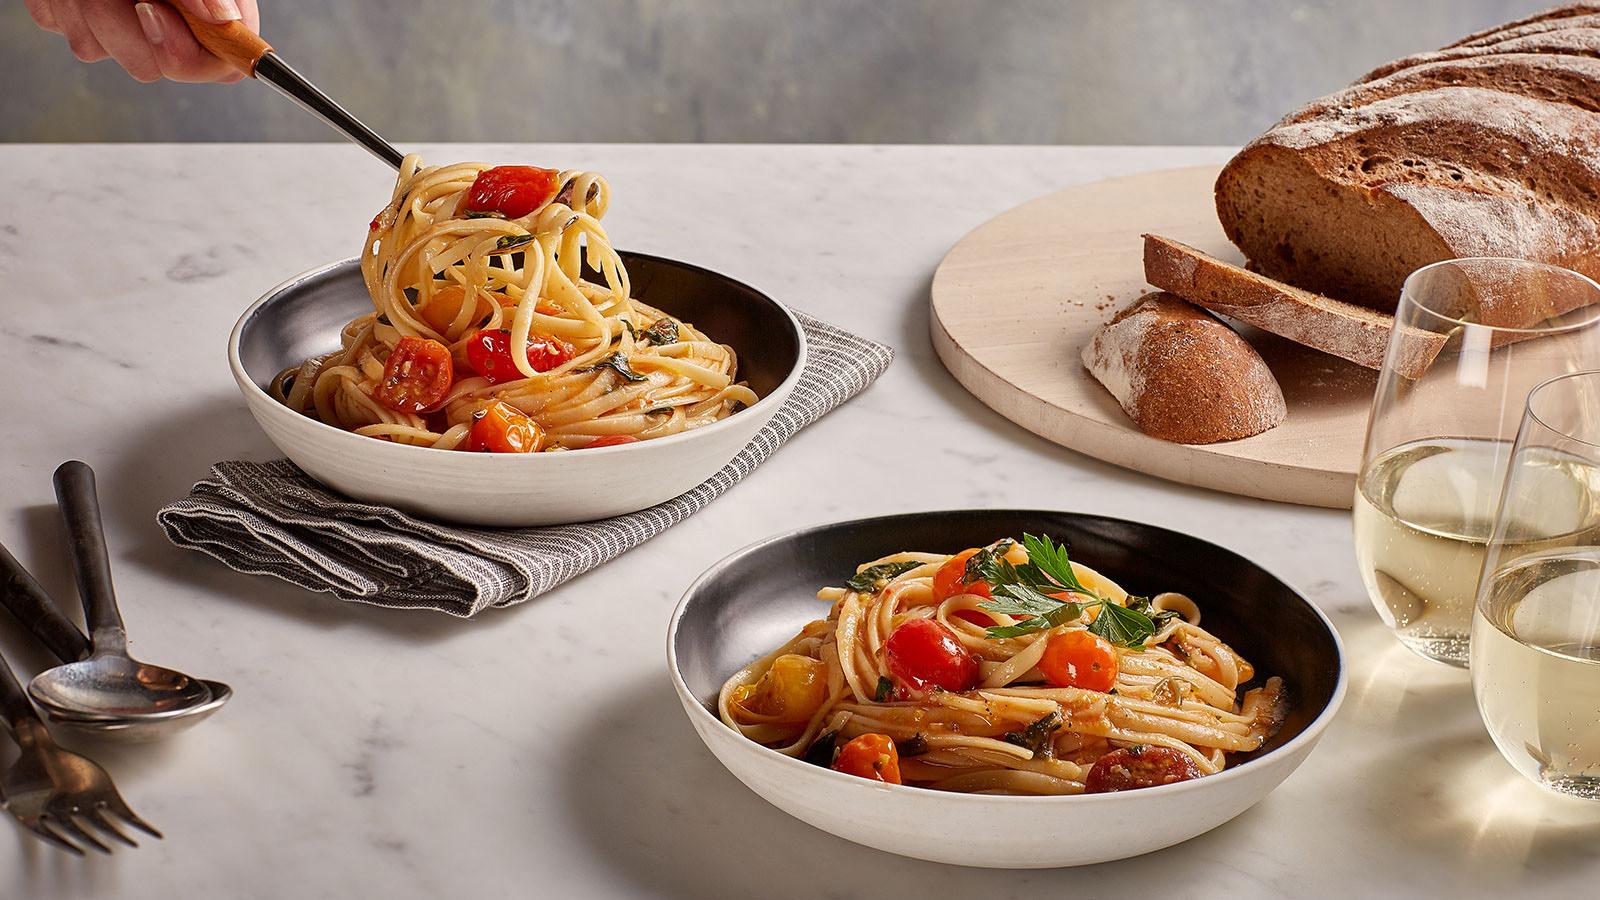 Tomato and basil linguini